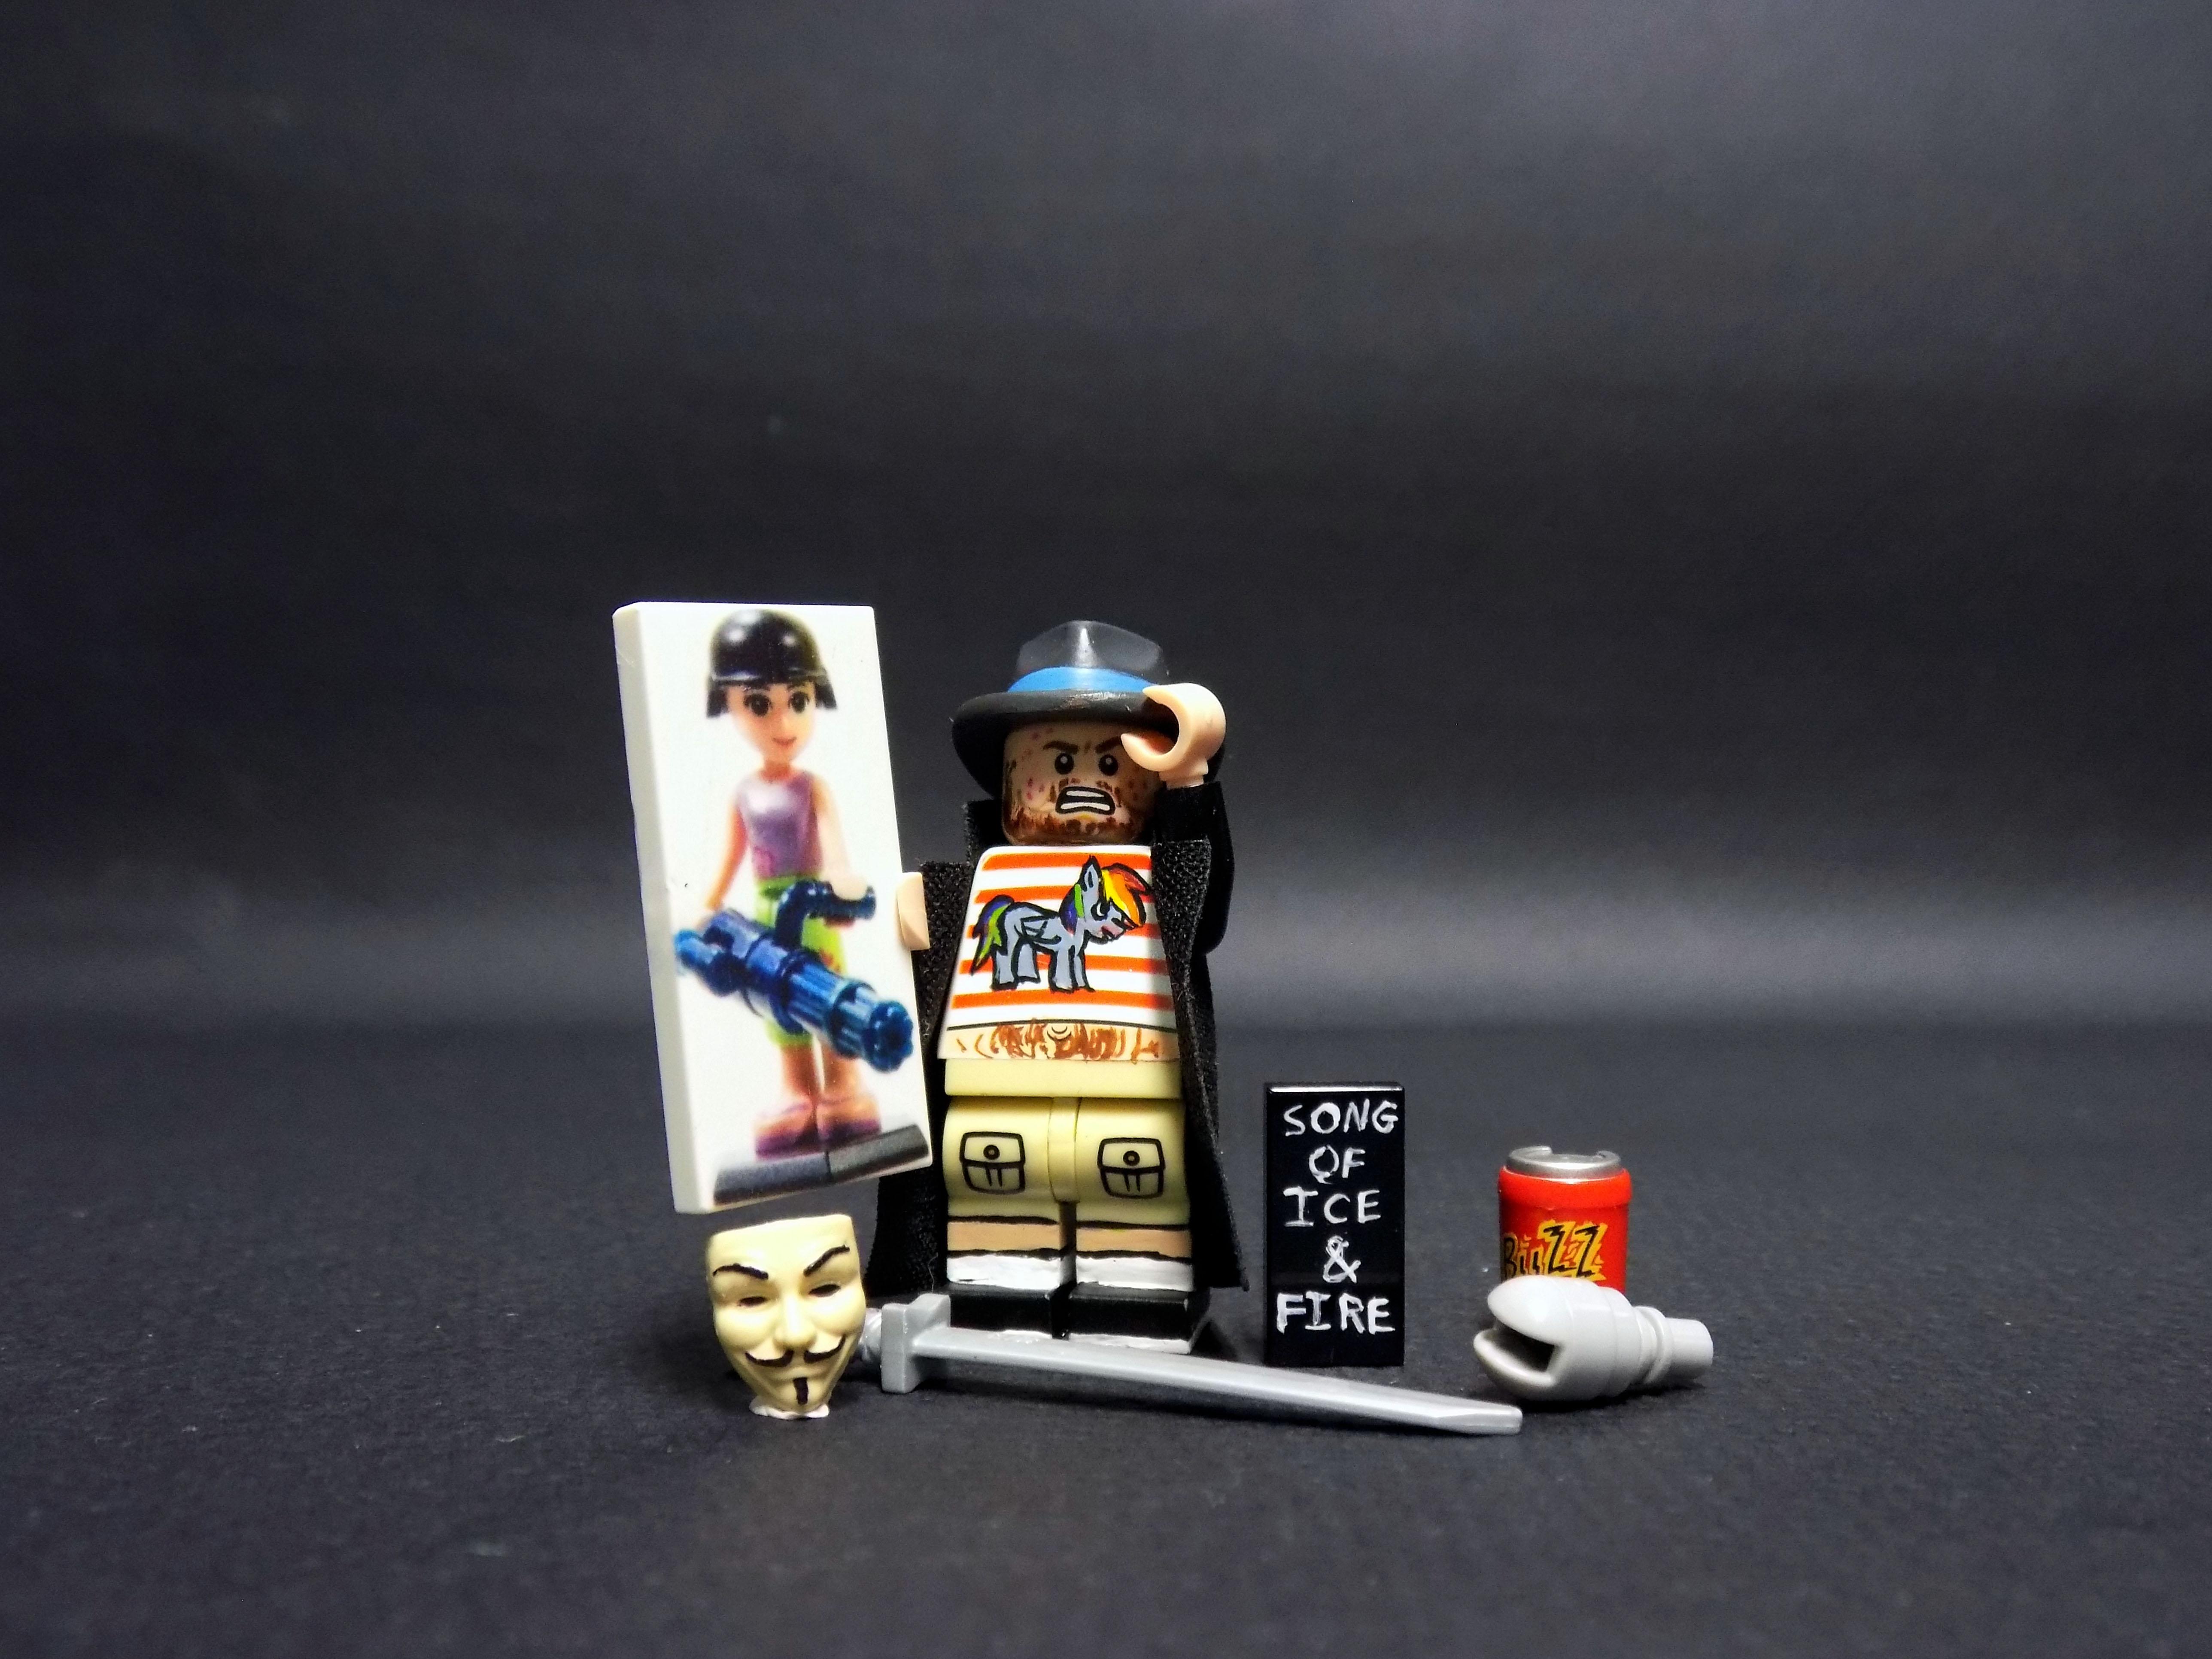 デスクトップ壁紙 アニメ レゴ 氷 火災 カタナ おもちゃ 匿名